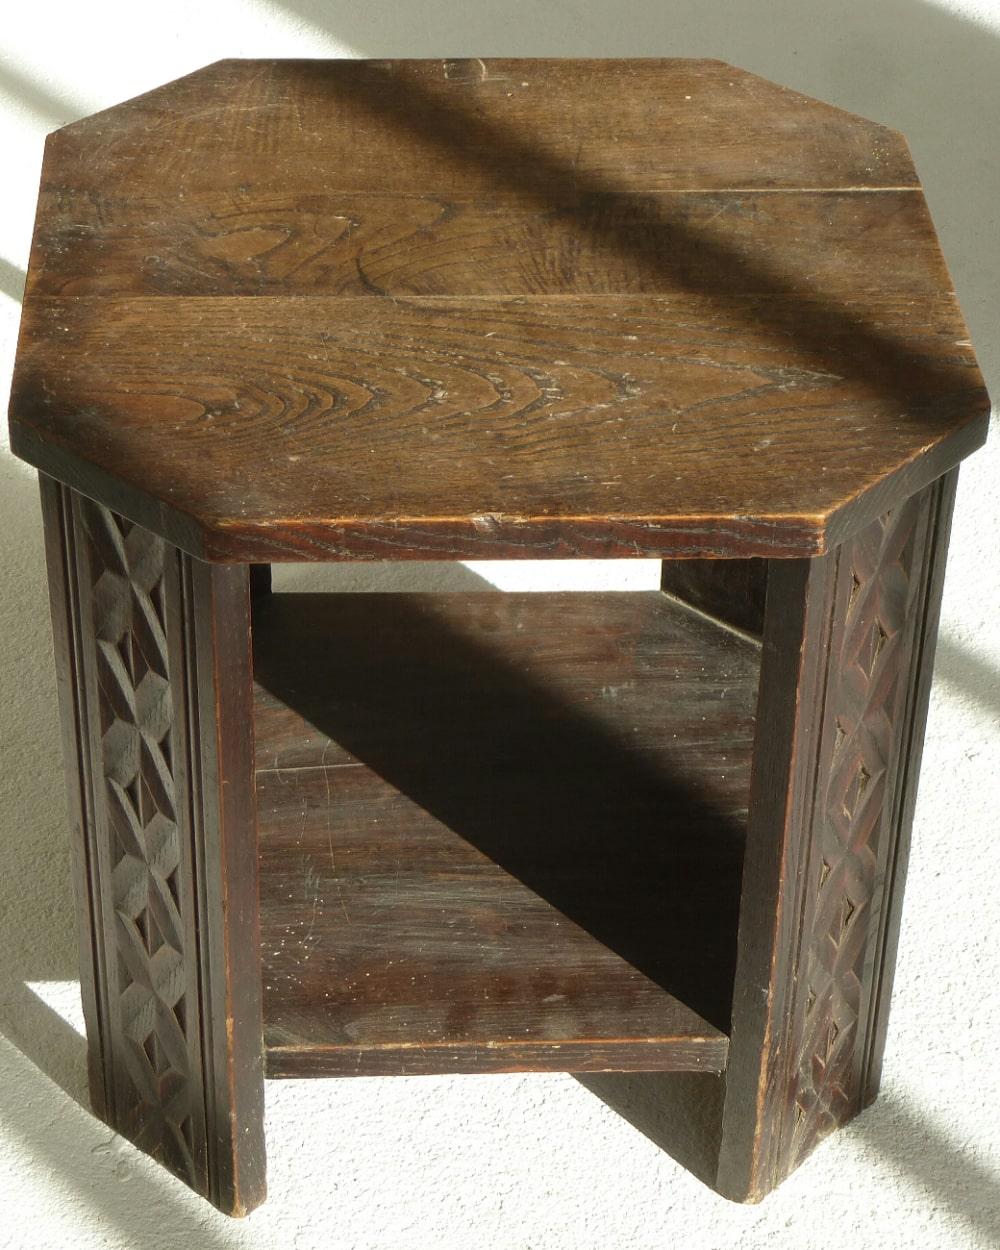 Joseph Savina Square Side Table (1)